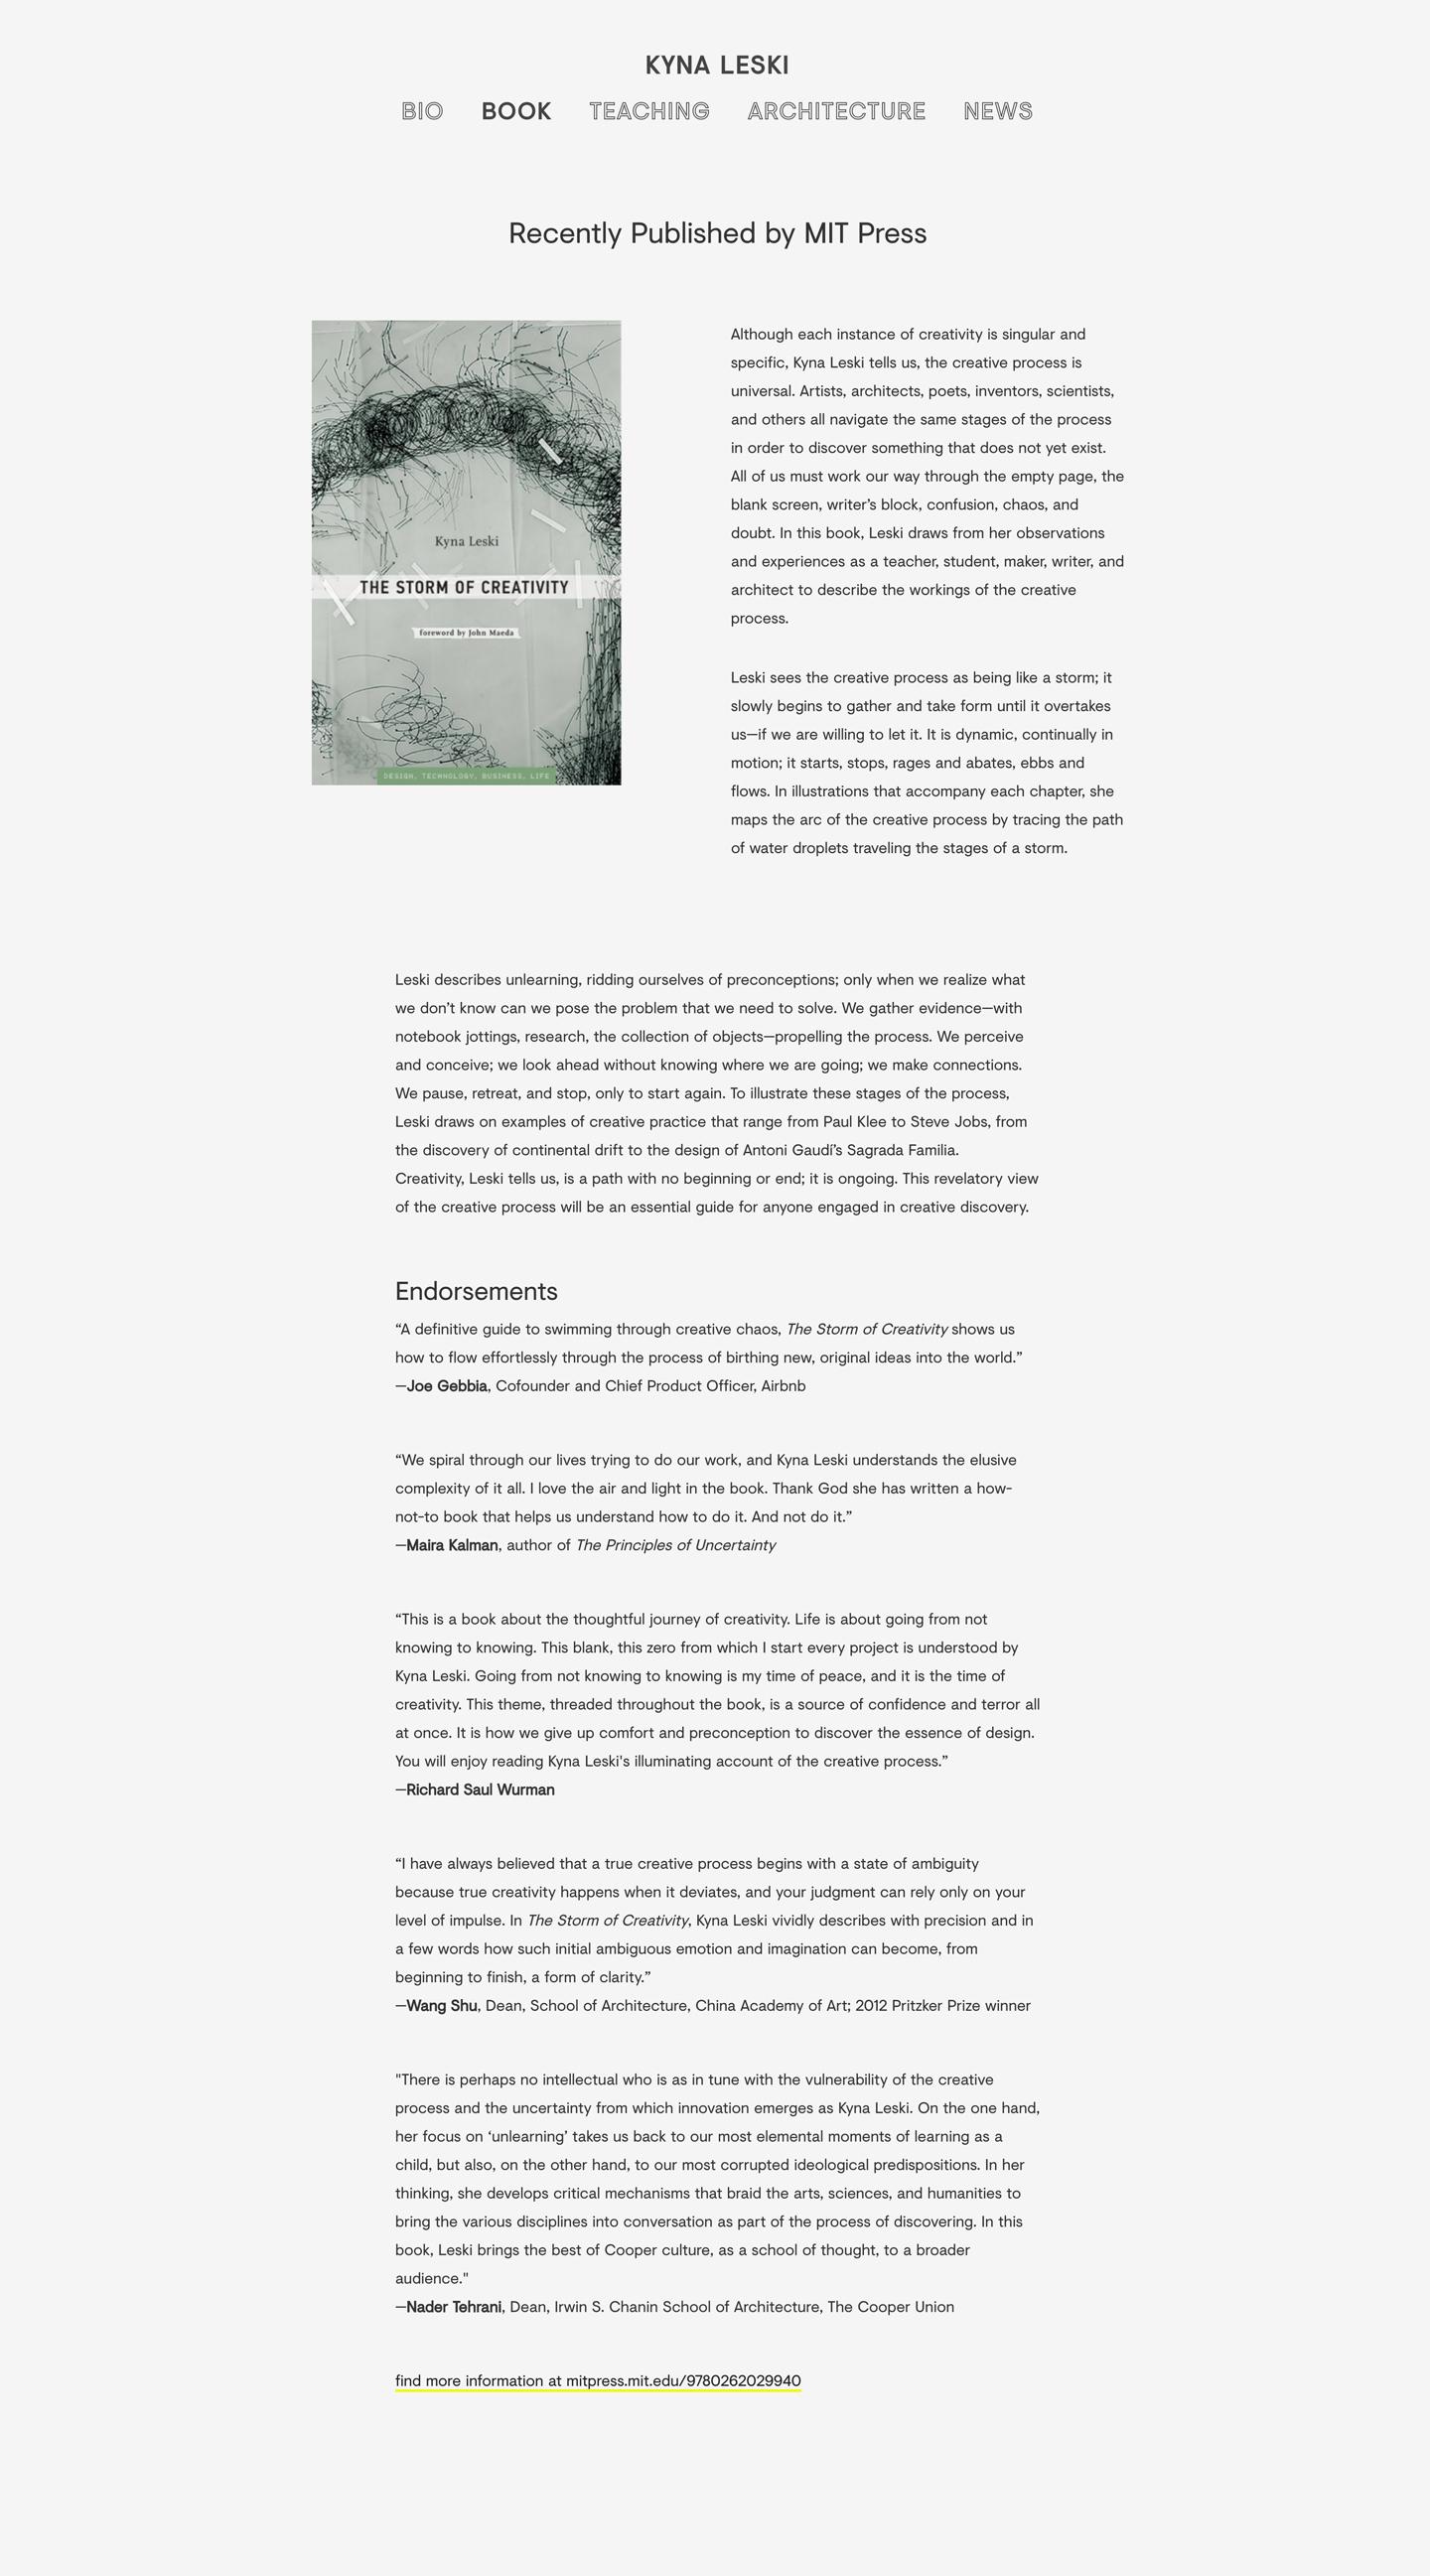 A Website For Kyna Leski - Work-Shop Design Studio